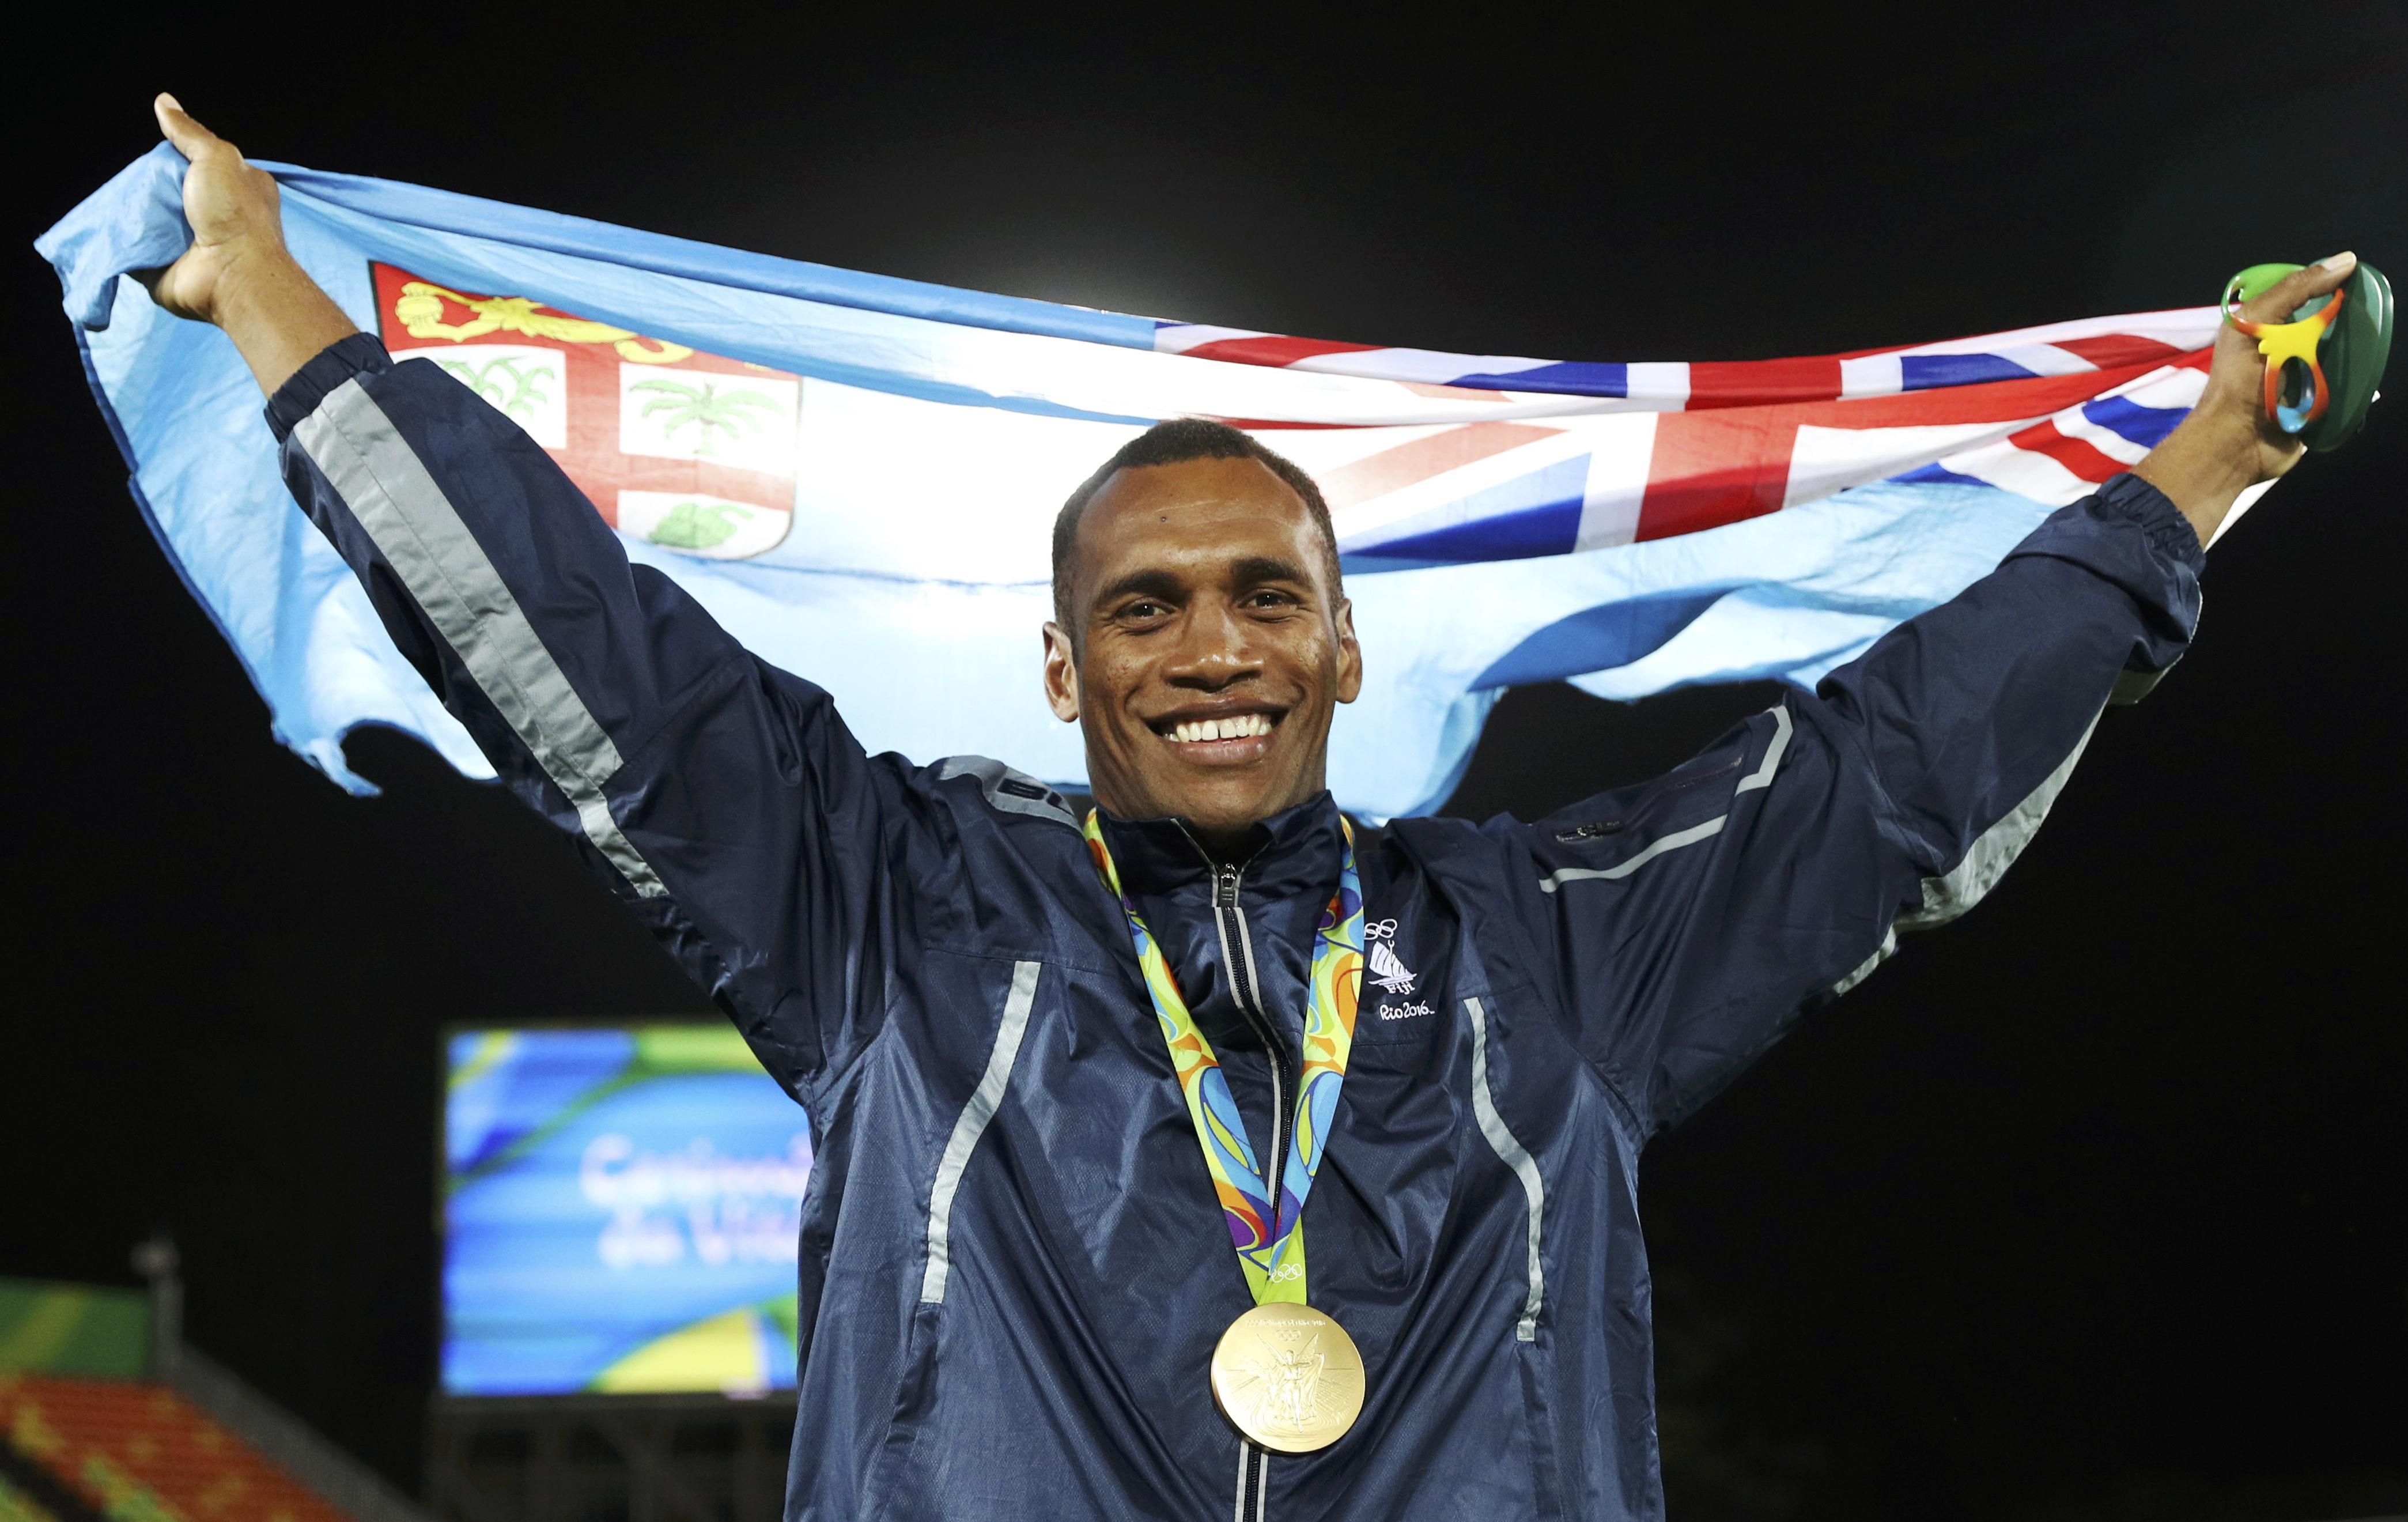 Fiji conquista ouro inédito ao derrotar ingleses na final do rúgbi.